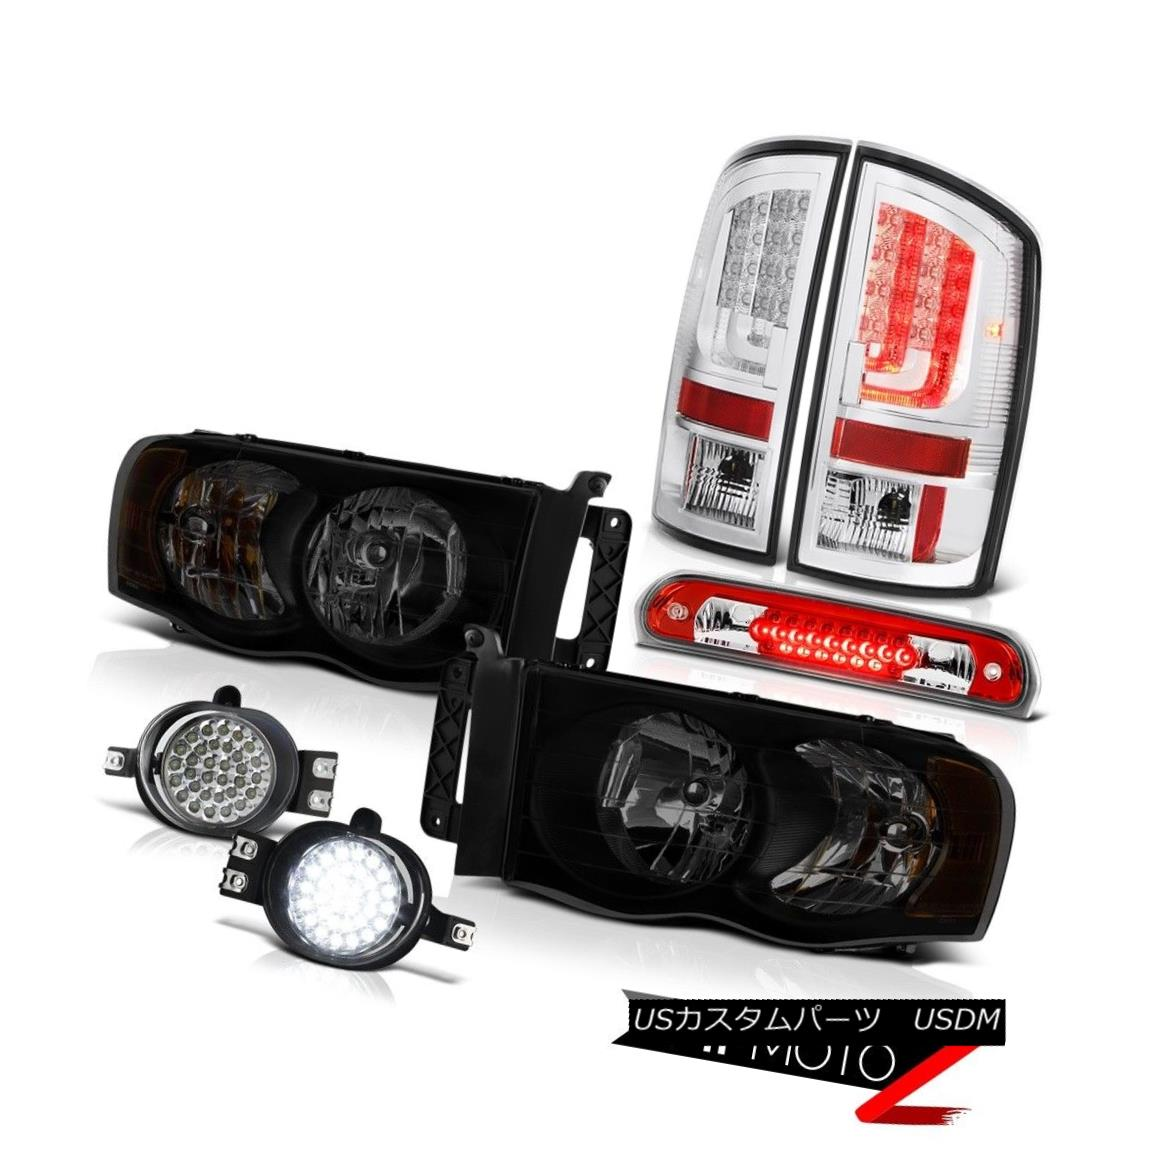 テールライト 02-05 Dodge Ram 1500 2500 SLT Tail Lights Headlights Foglights High STop Lamp 02-05 Dodge Ram 1500 2500 SLTテールライトヘッドライトフォグライトハイSTOPランプ